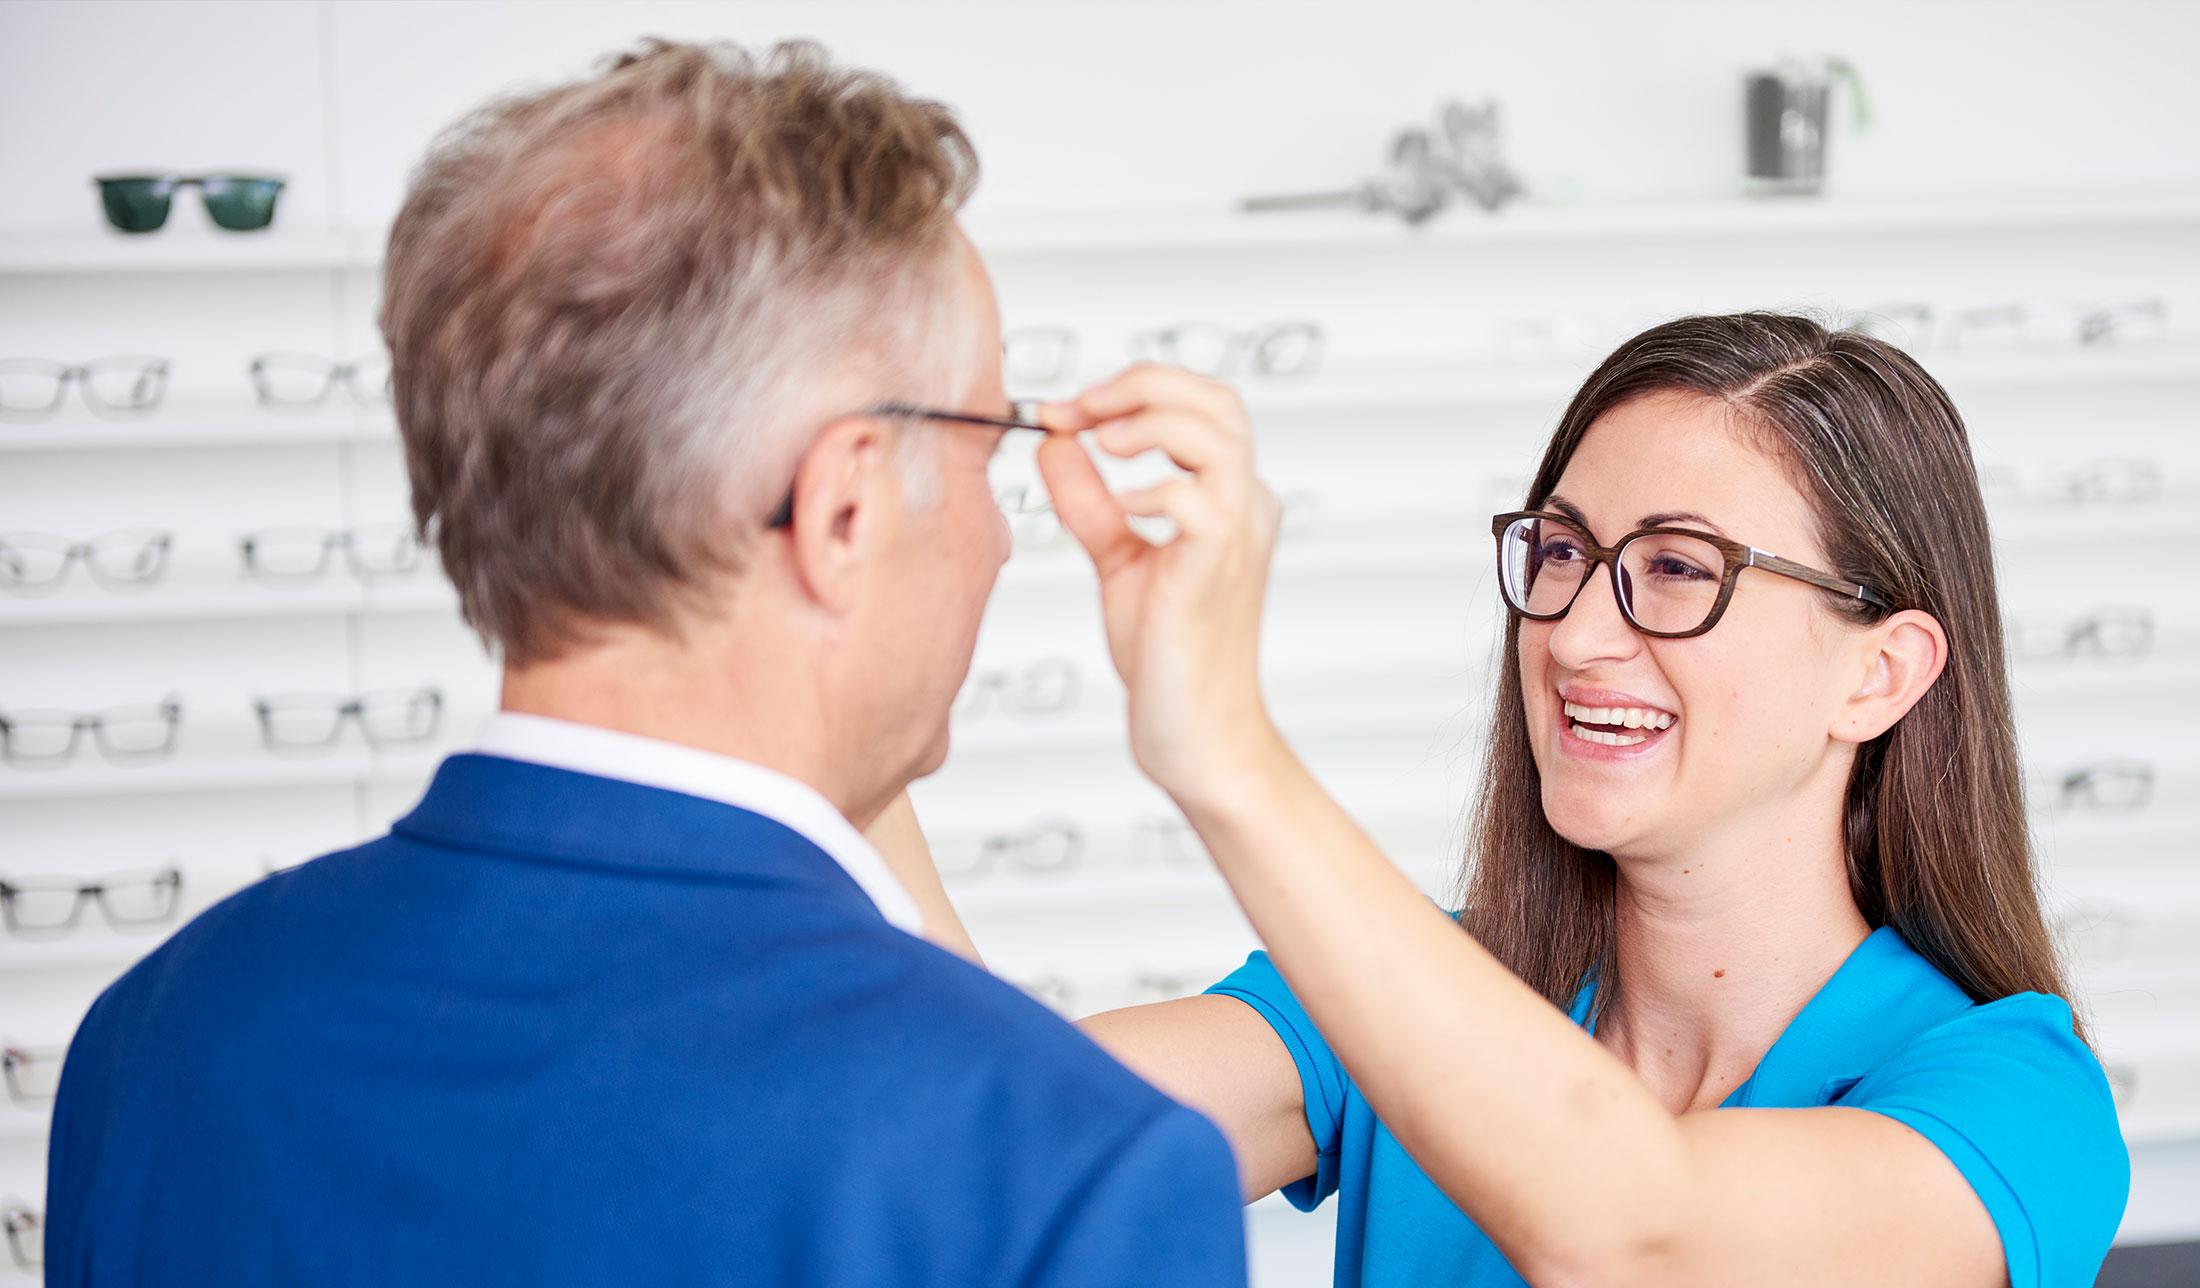 AzemOptik: Gleitsichtbrillen, optische Brillen, Sehhilfen, gesundes Sehen, Augenärztliche Kompetenz